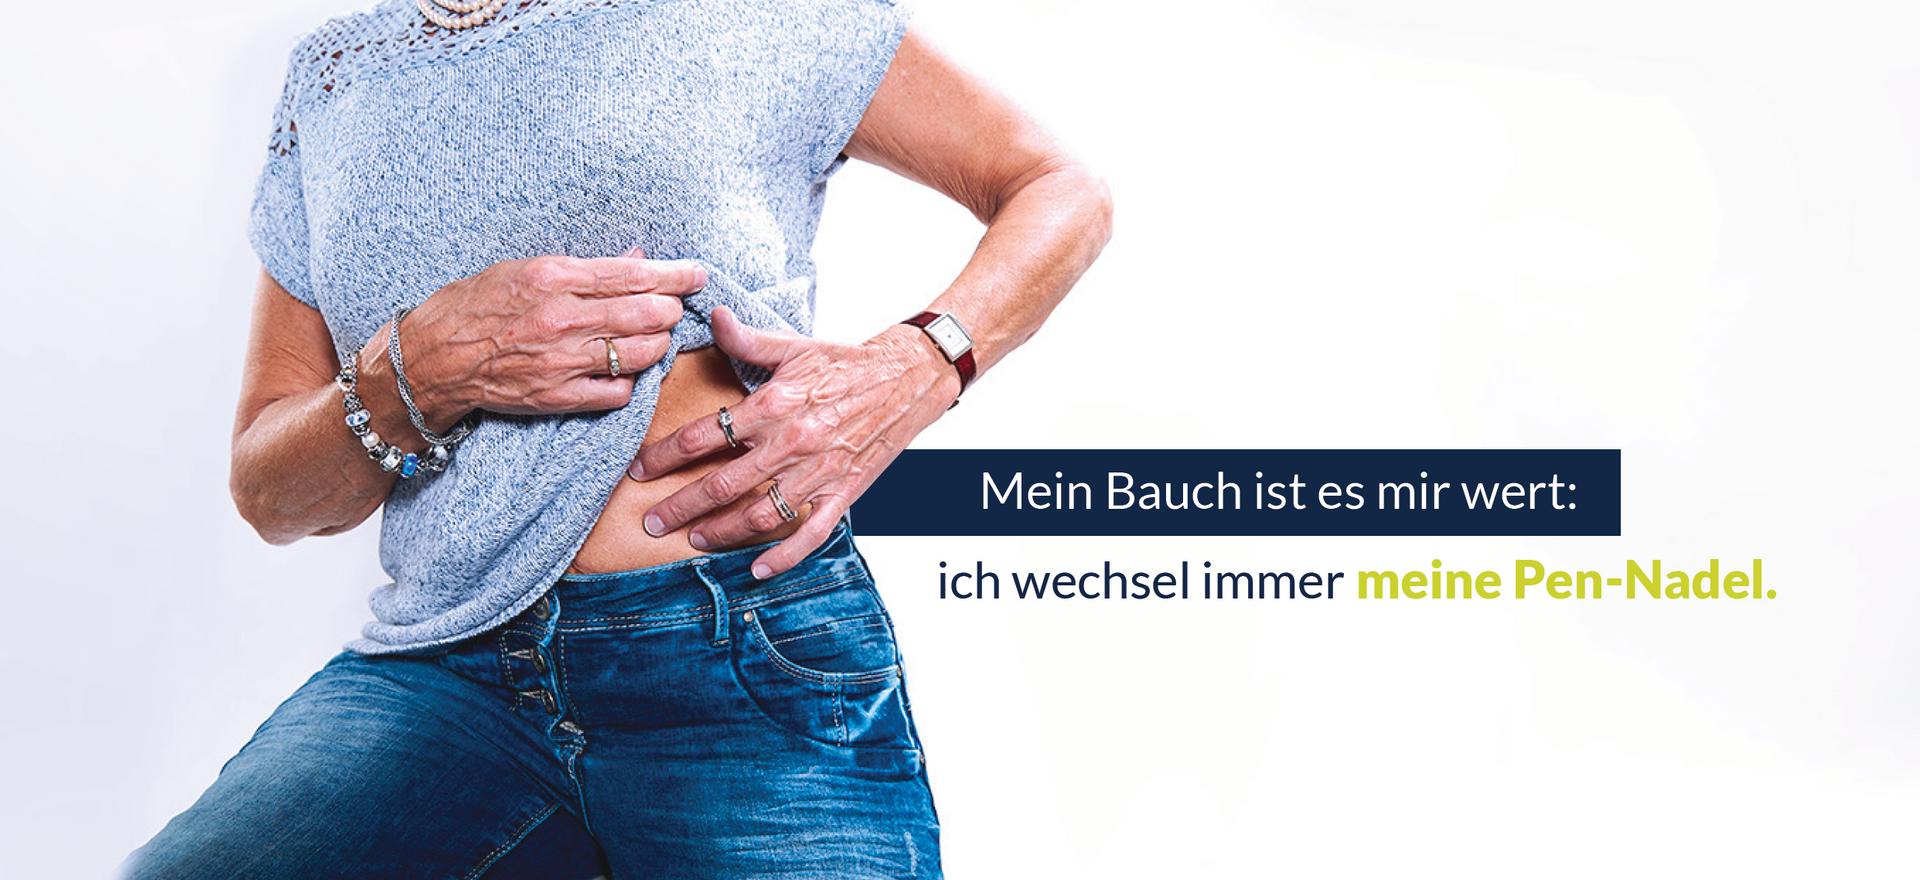 nadelwechsel_header_wert.png